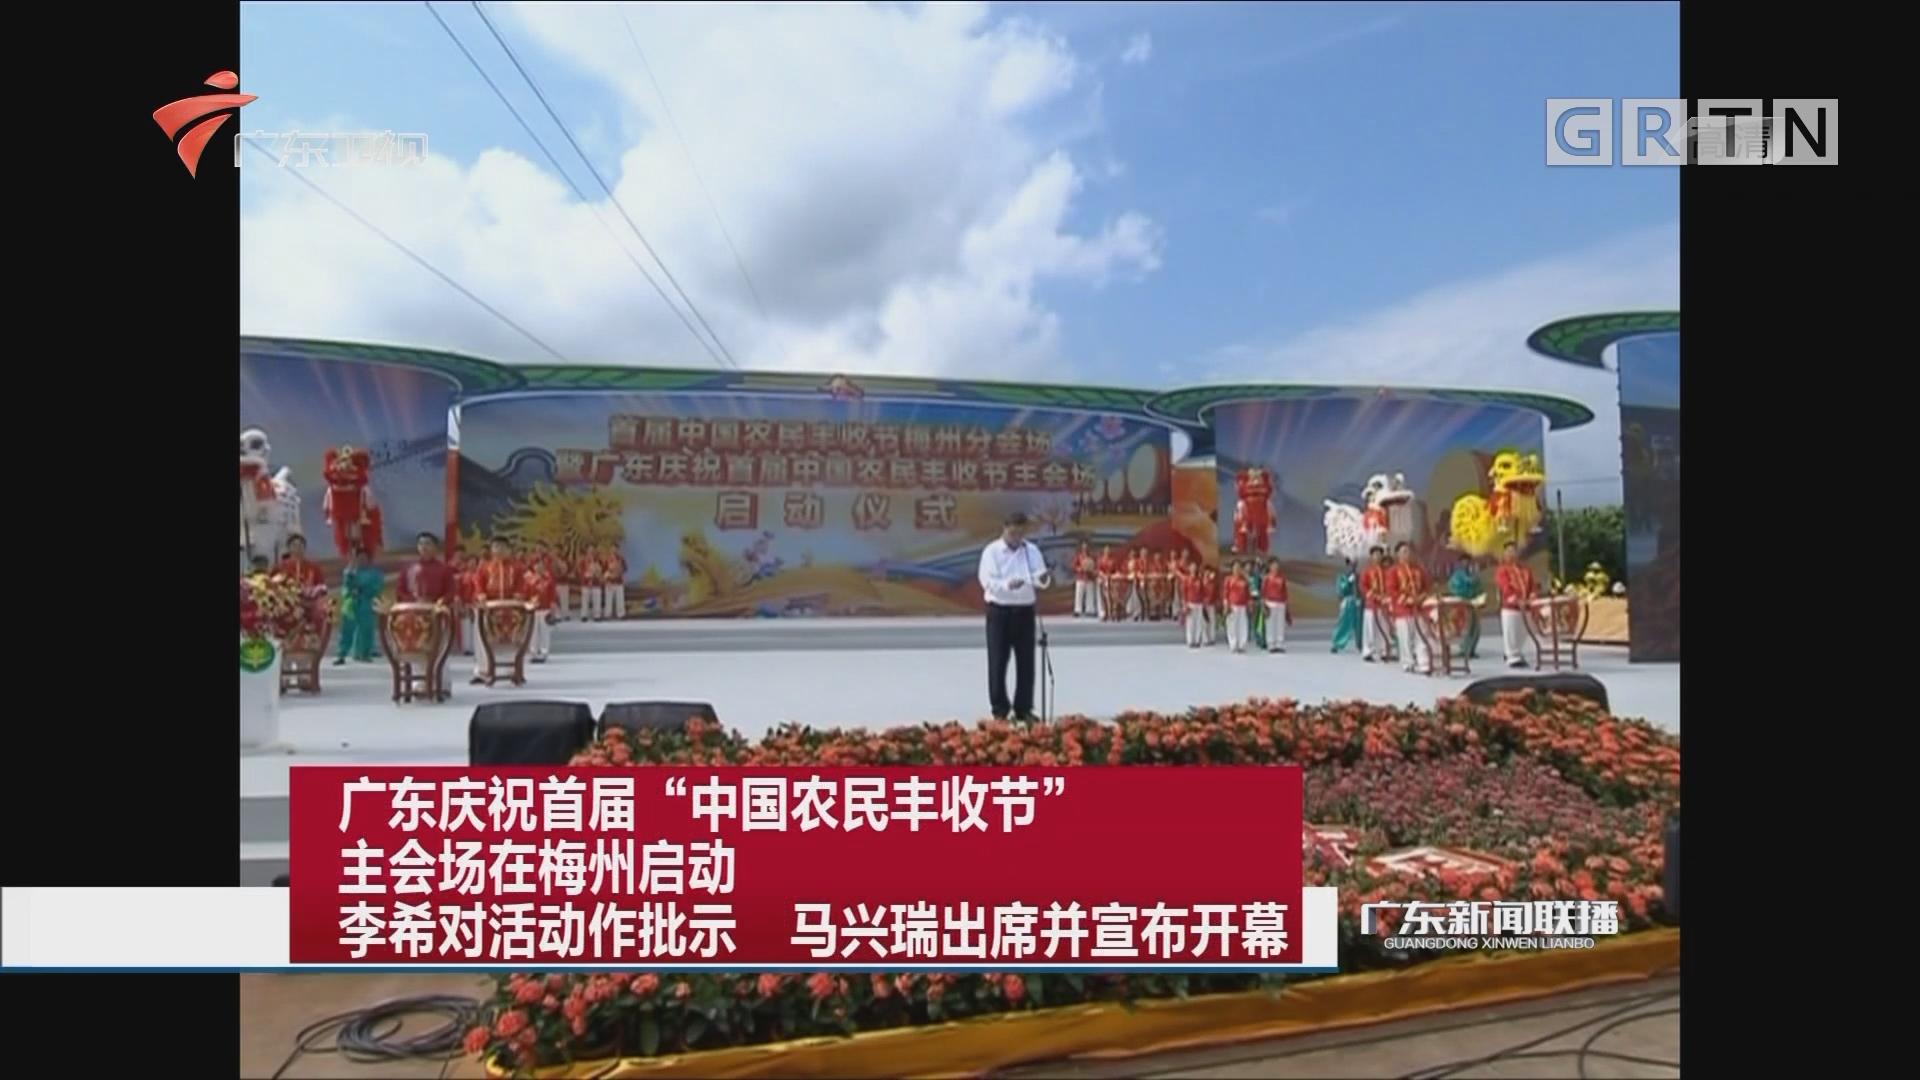 """广东庆祝首届""""中国农民丰收节""""主会场在梅州启动 李希对活动作批示 马兴瑞出席并宣布开幕"""